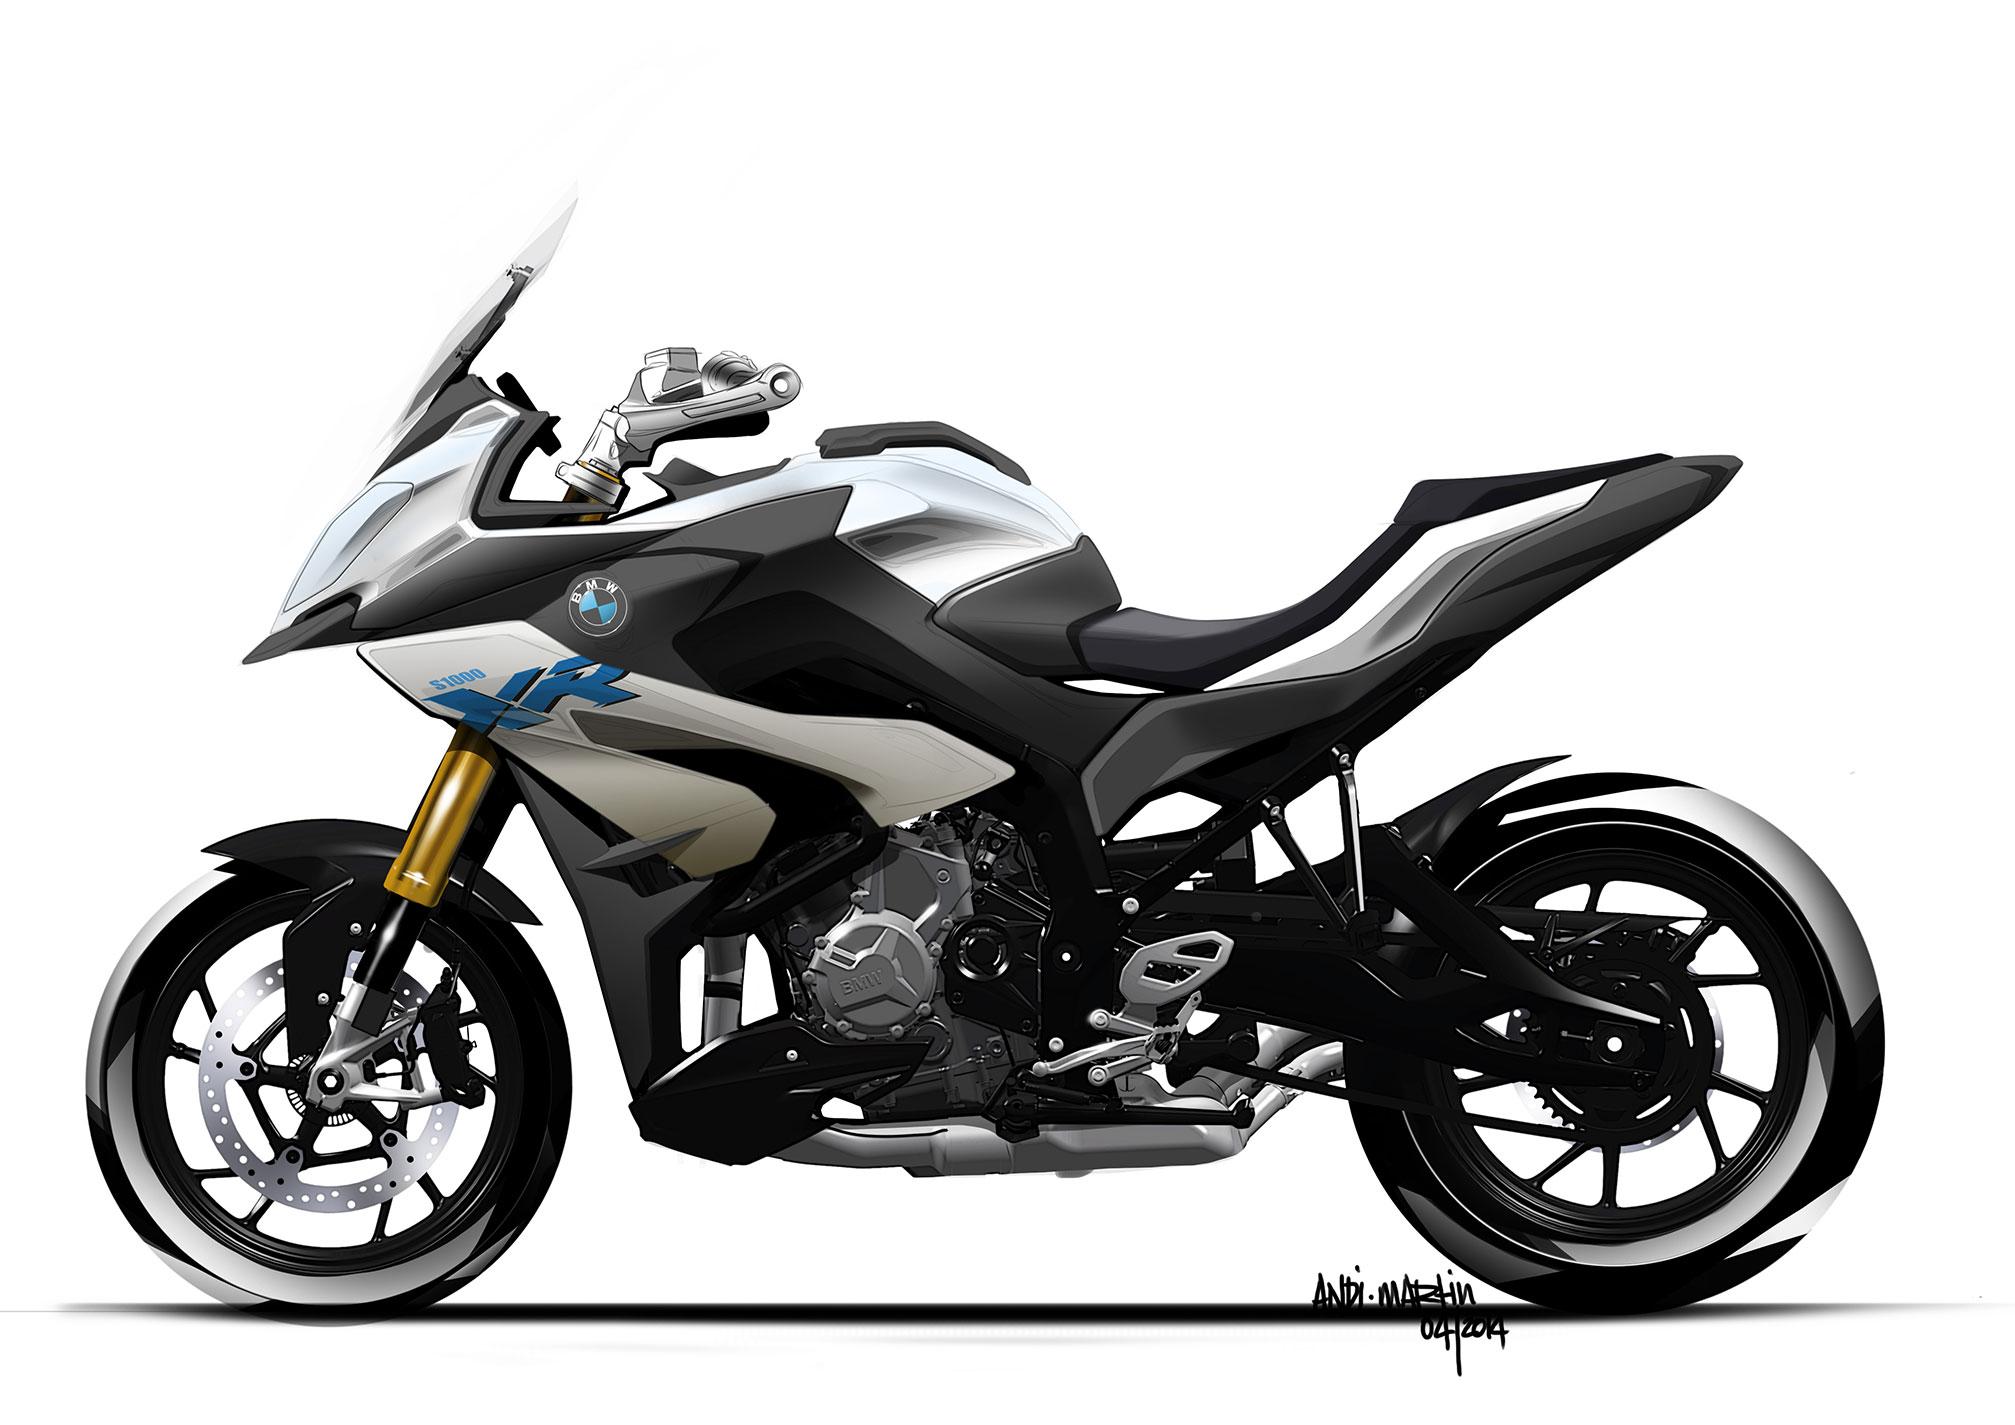 【宝马摩托车s1000xr图片】 摩托车图片库 摩托车之家